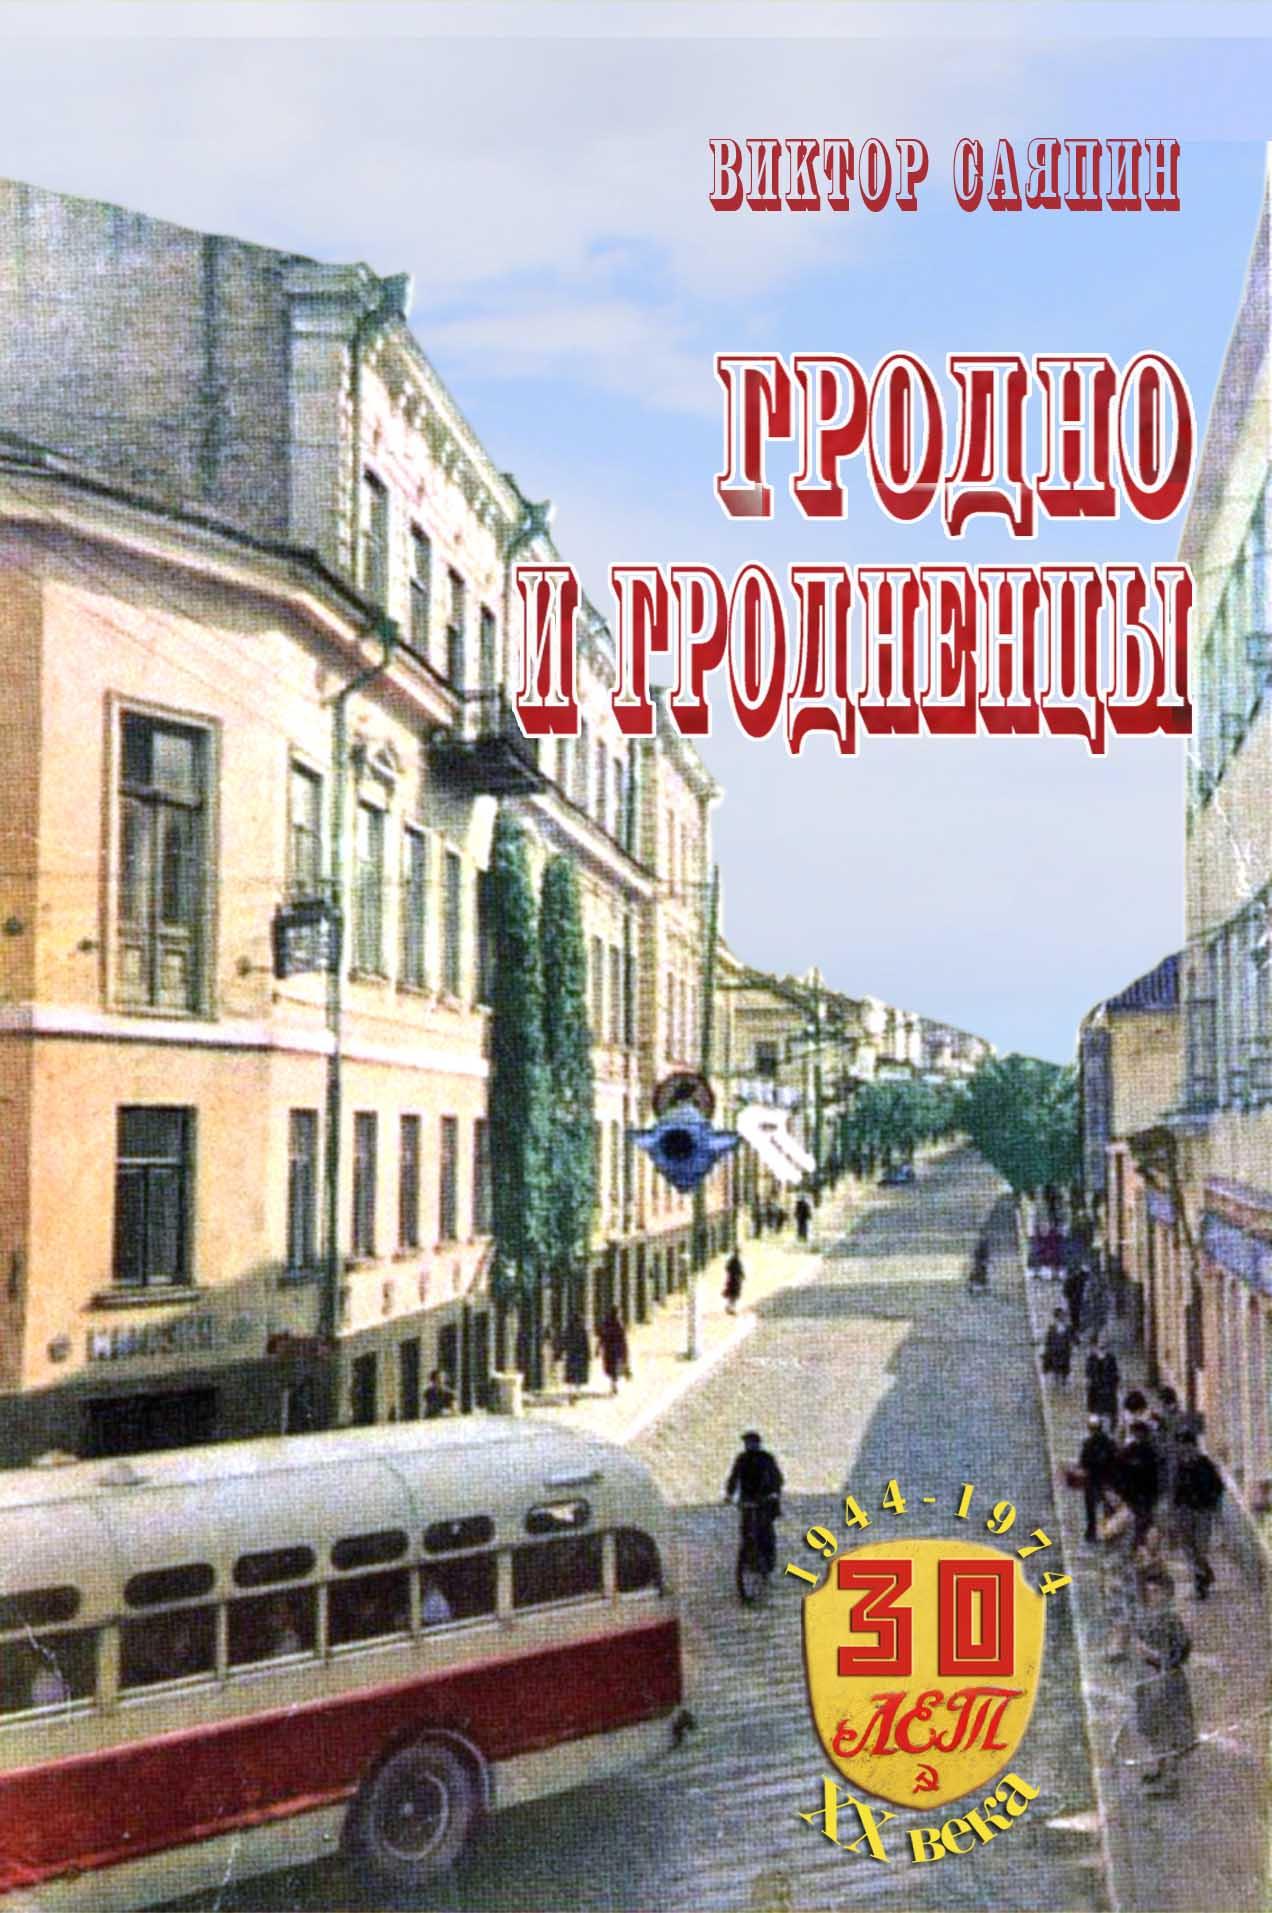 Виктор Саяпин, «Гродно и гродненцы. 30 лет ХХ века. 1944-1974 гг.»